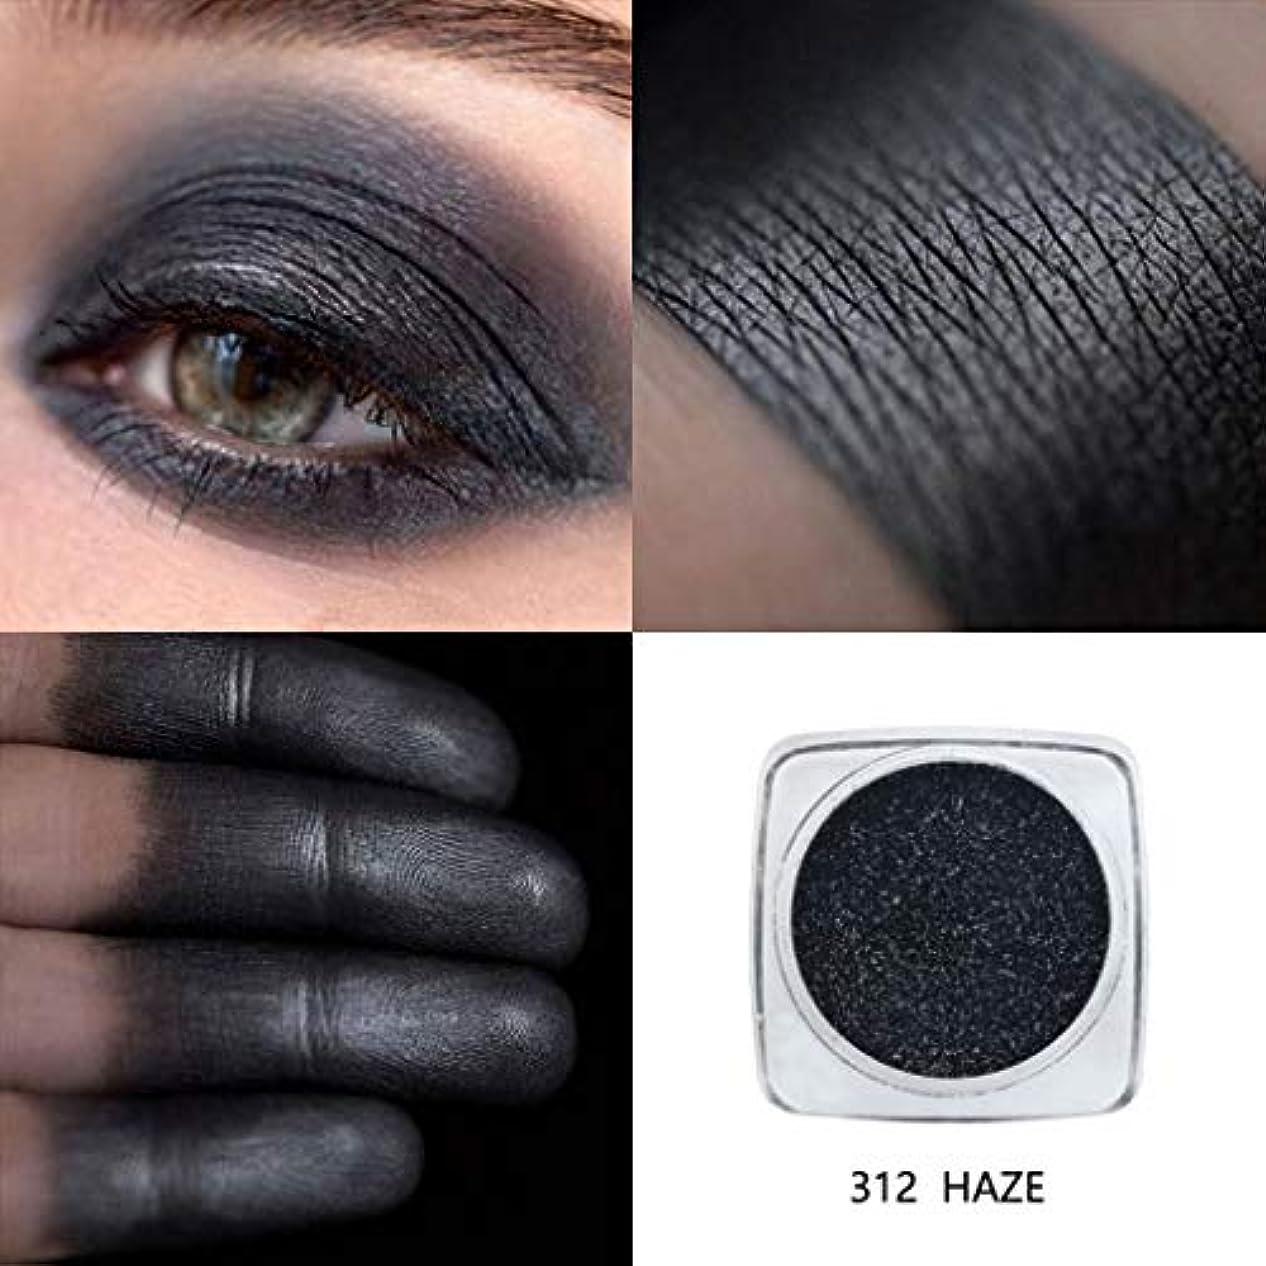 トランスペアレント懇願するゴールデンAkane アイシャドウパレット PHOERA ファッション 美しい 魅力的 キラキラ ひとつだけ 高級 単なる 綺麗 素敵 持ち便利 日常 Eye Shadow (12色)